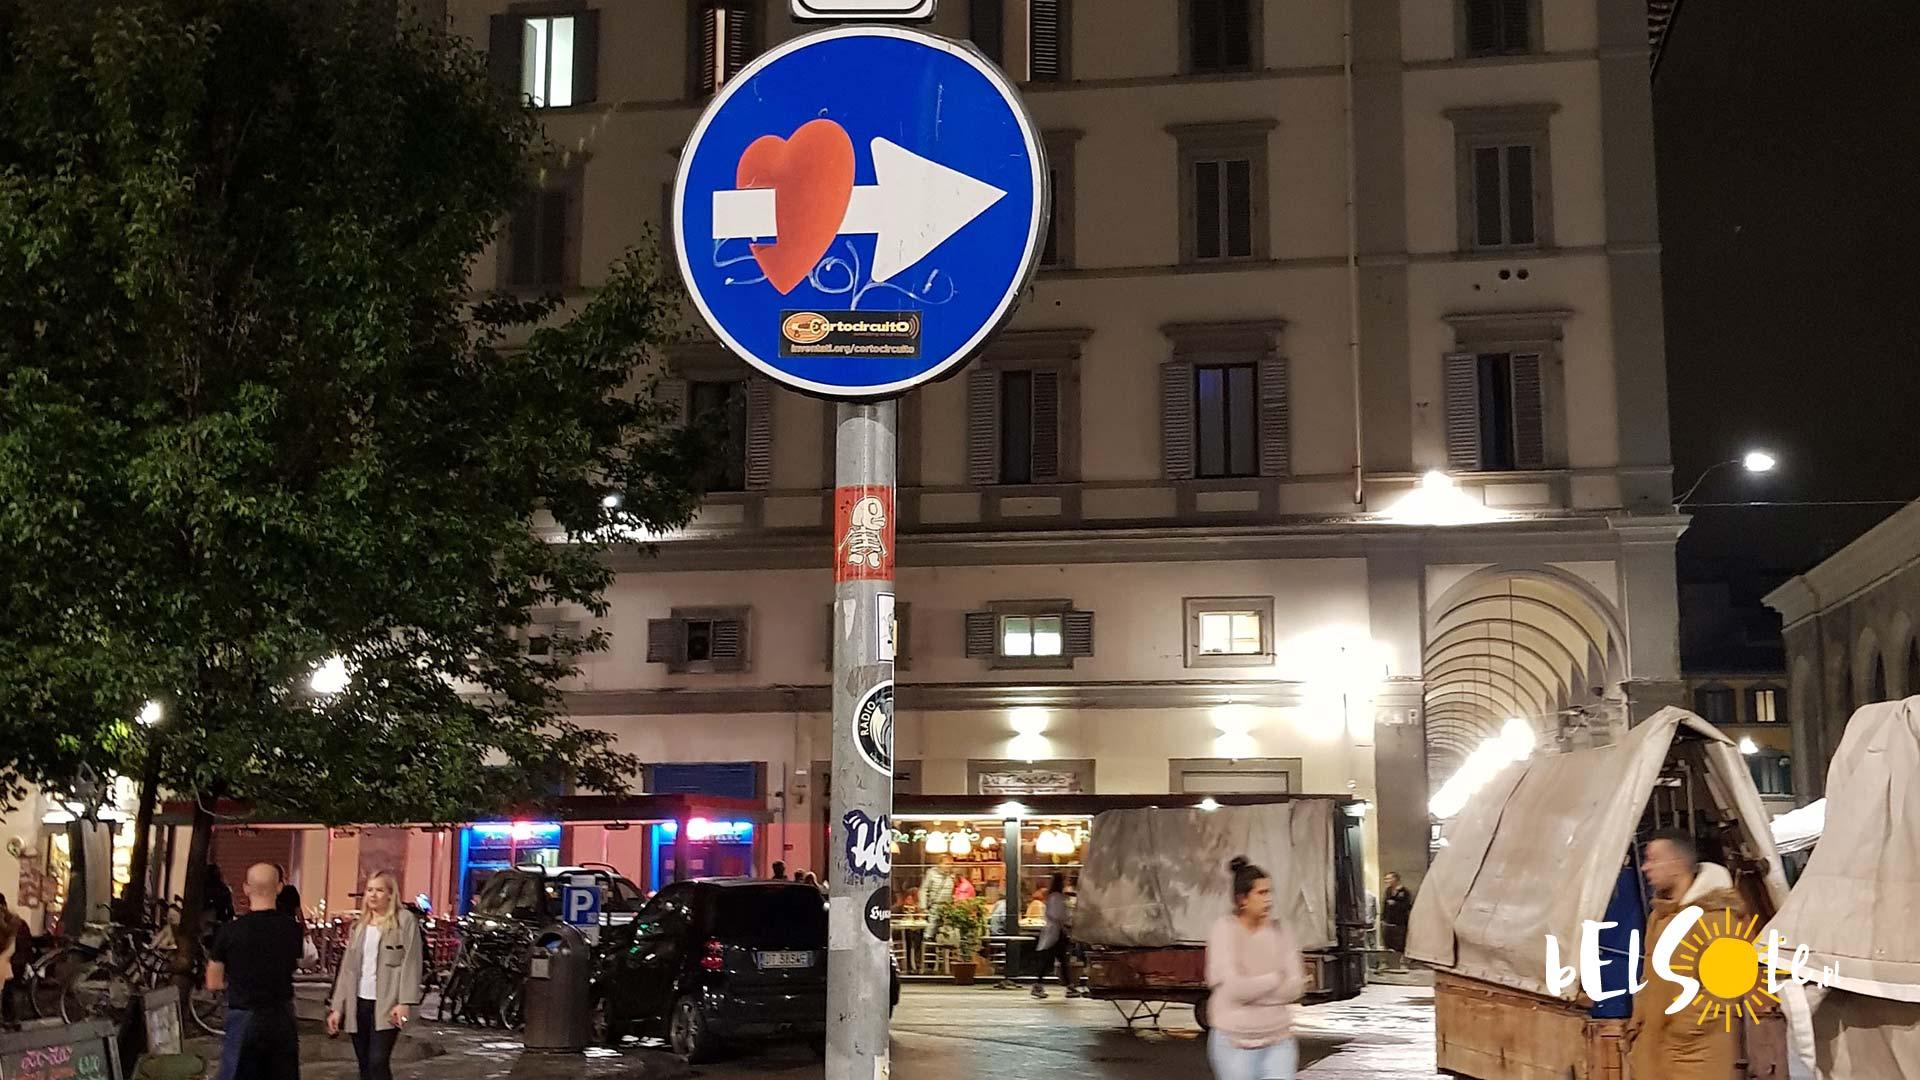 Znaki Clet Florencja